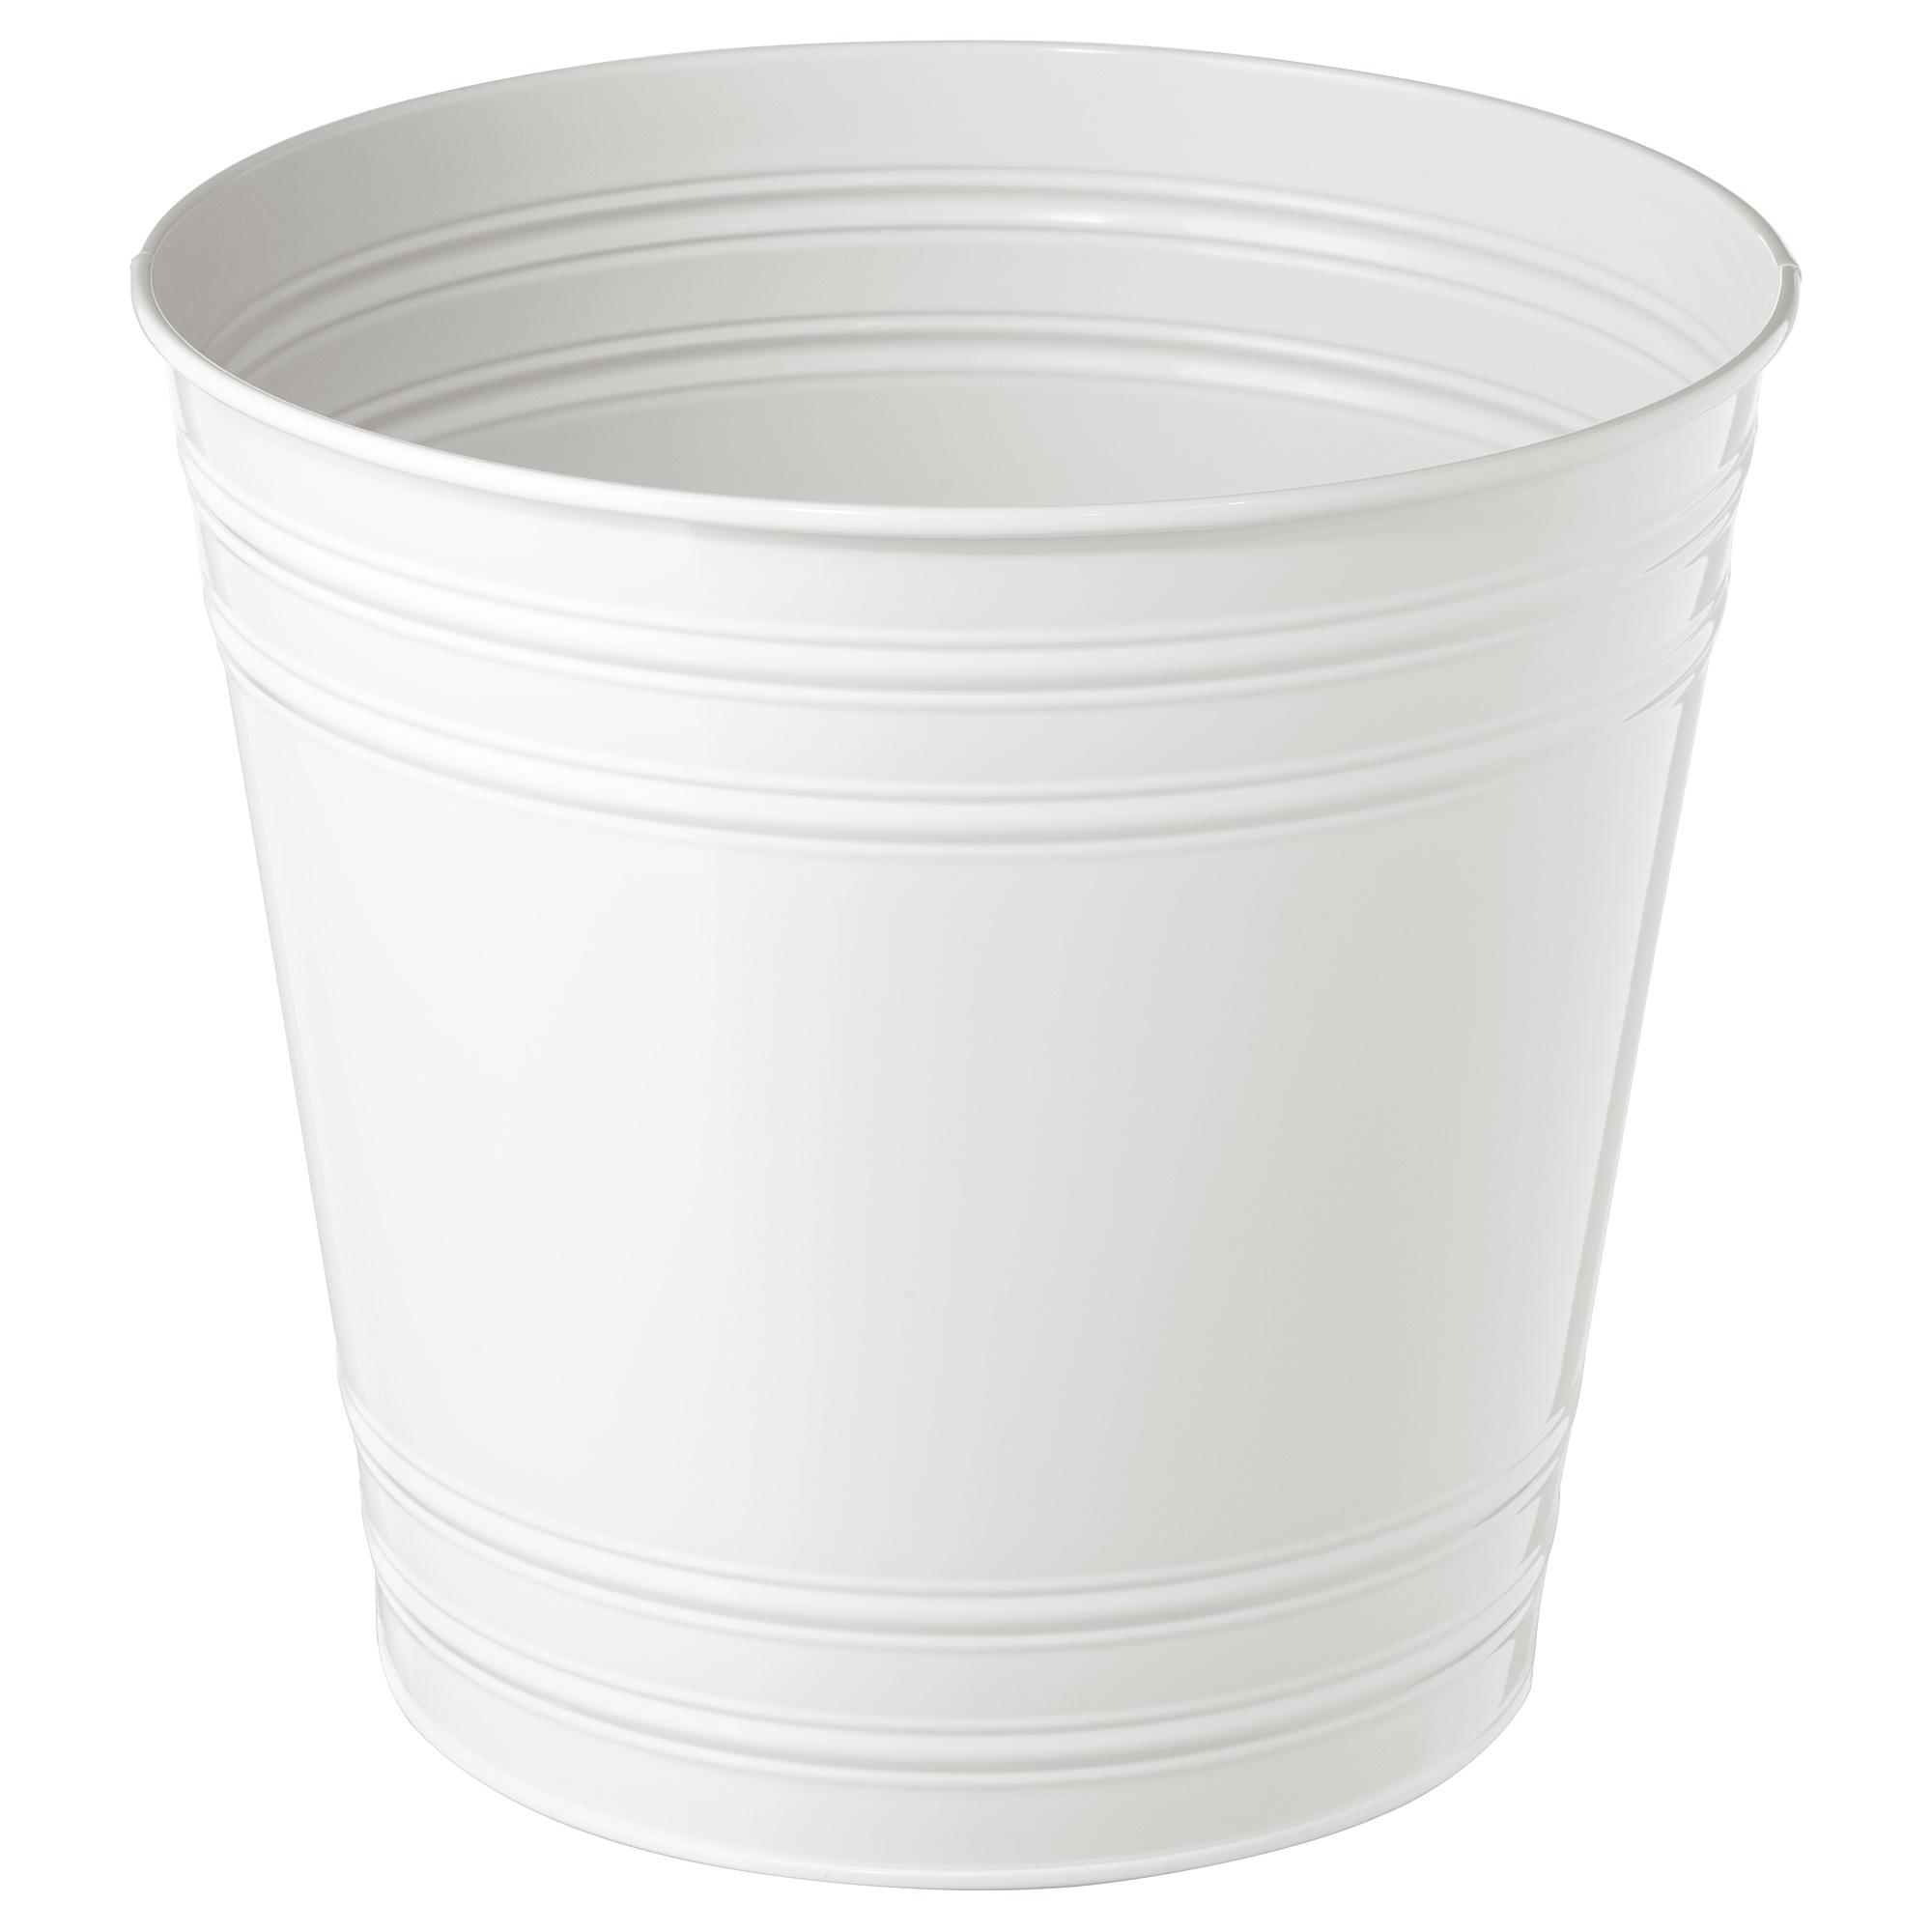 Кашпо СОККЕР белый артикуль № 504.140.12 в наличии. Online каталог IKEA Беларусь. Быстрая доставка и соборка.